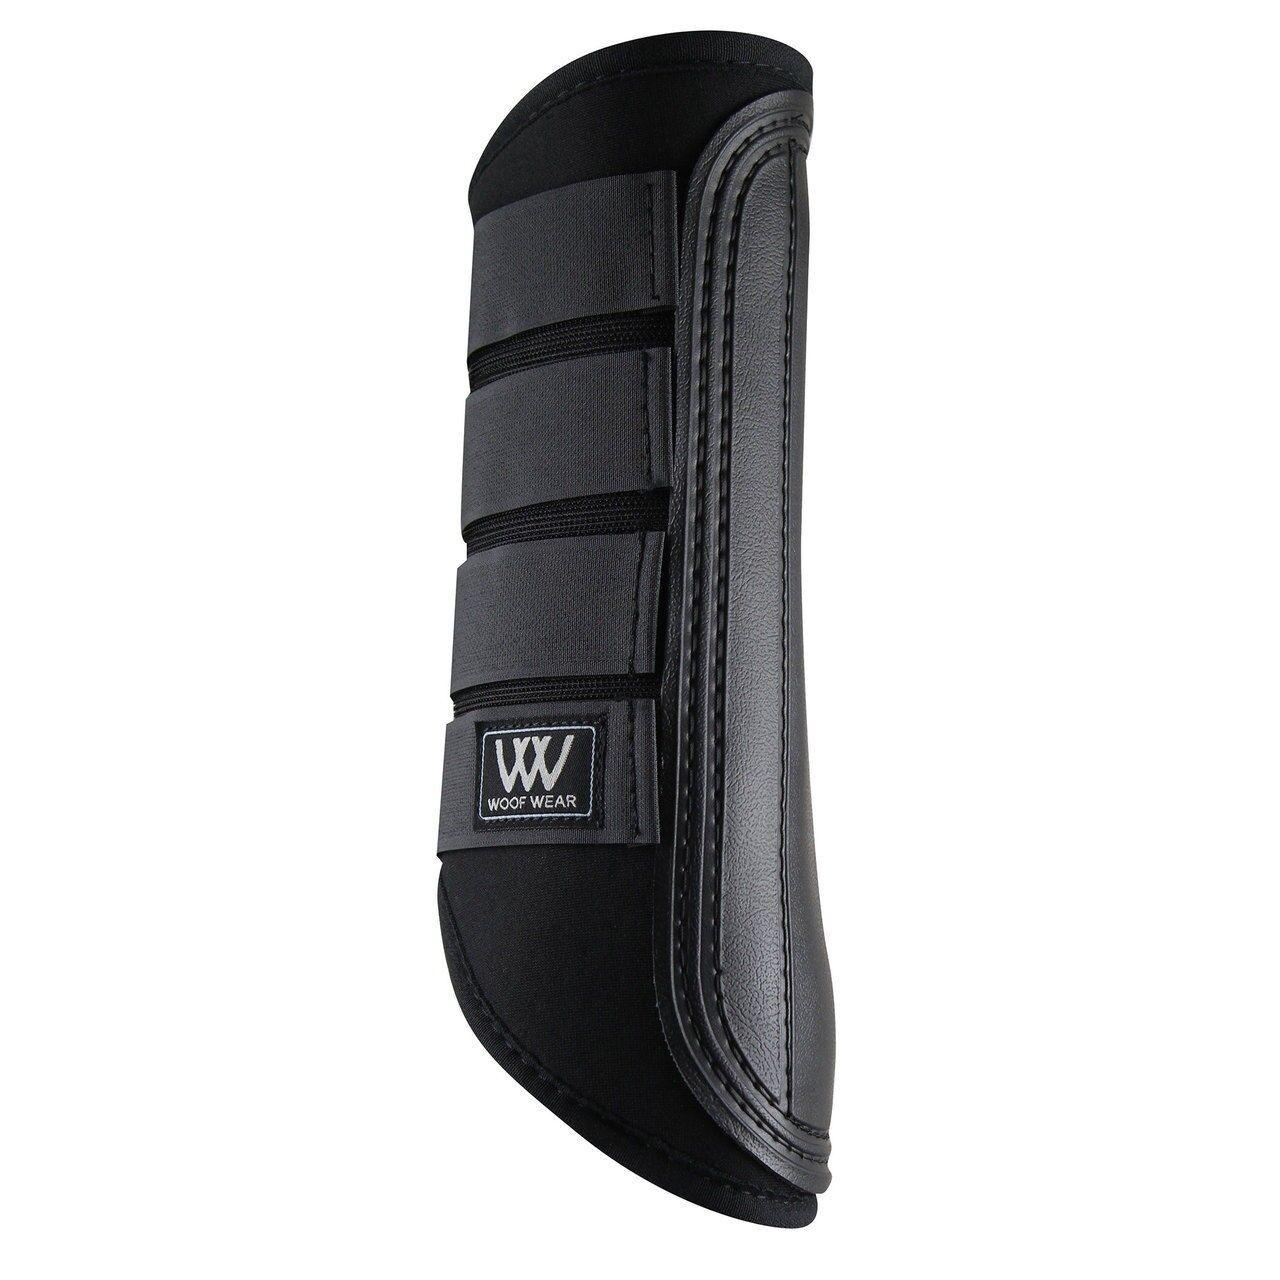 Woof Wear écluse unique Brossage Stiefel avec en forme de grève Pad vendus par paires